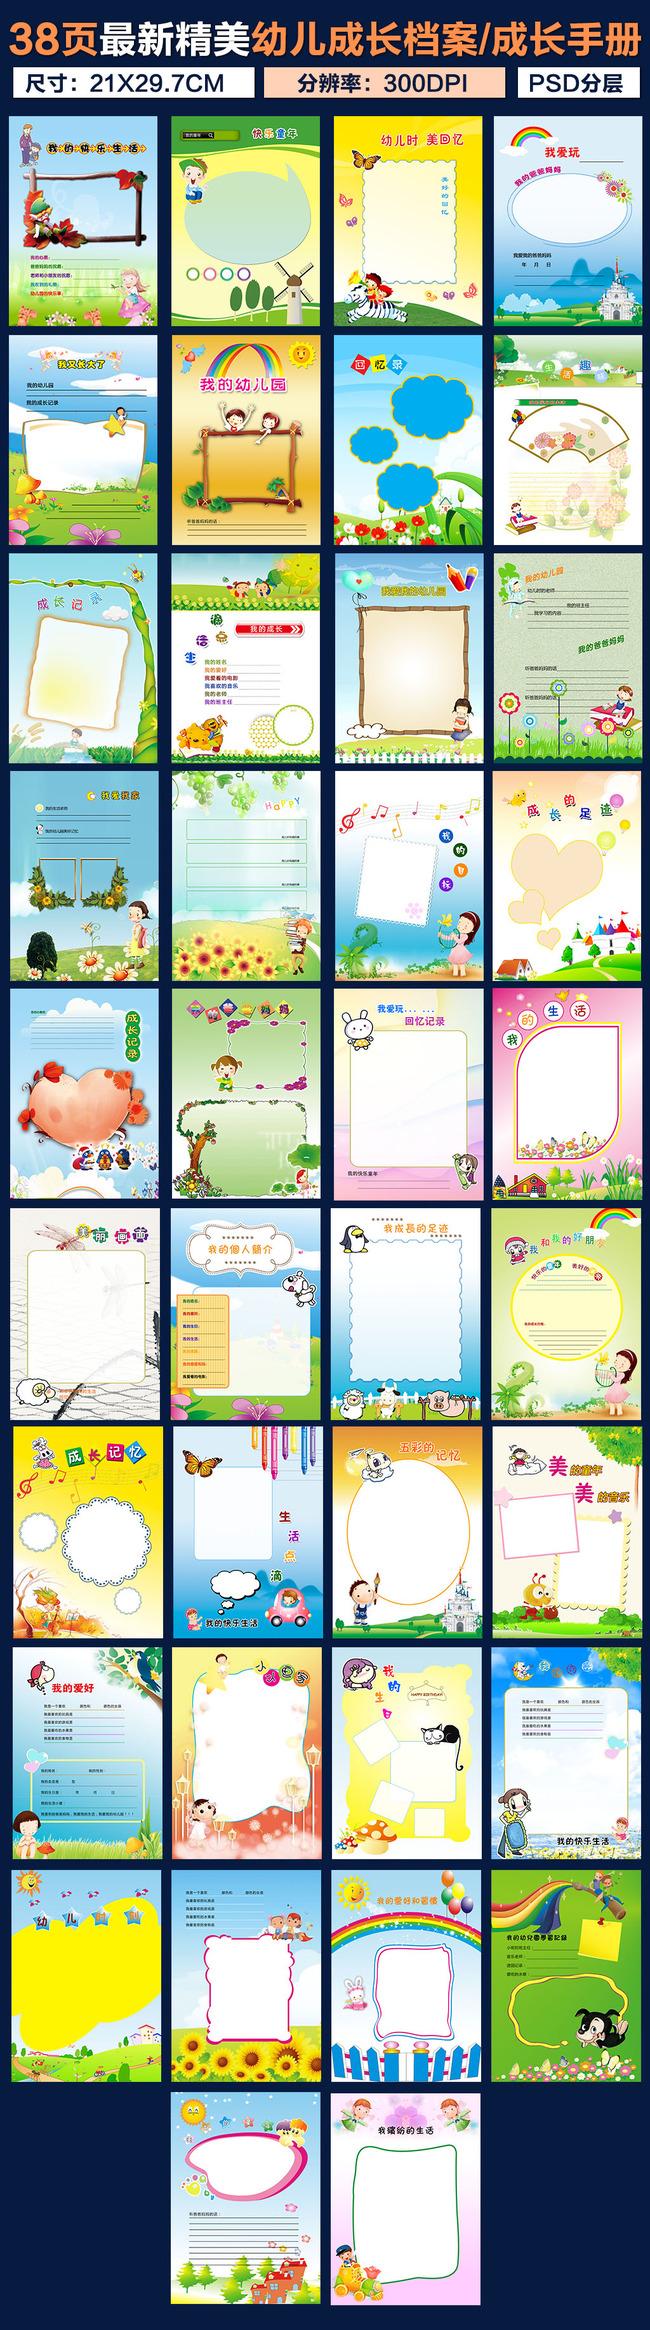 格  式:psd 图片名称:幼儿成长手册幼儿成长档案 文件尺寸(宽高